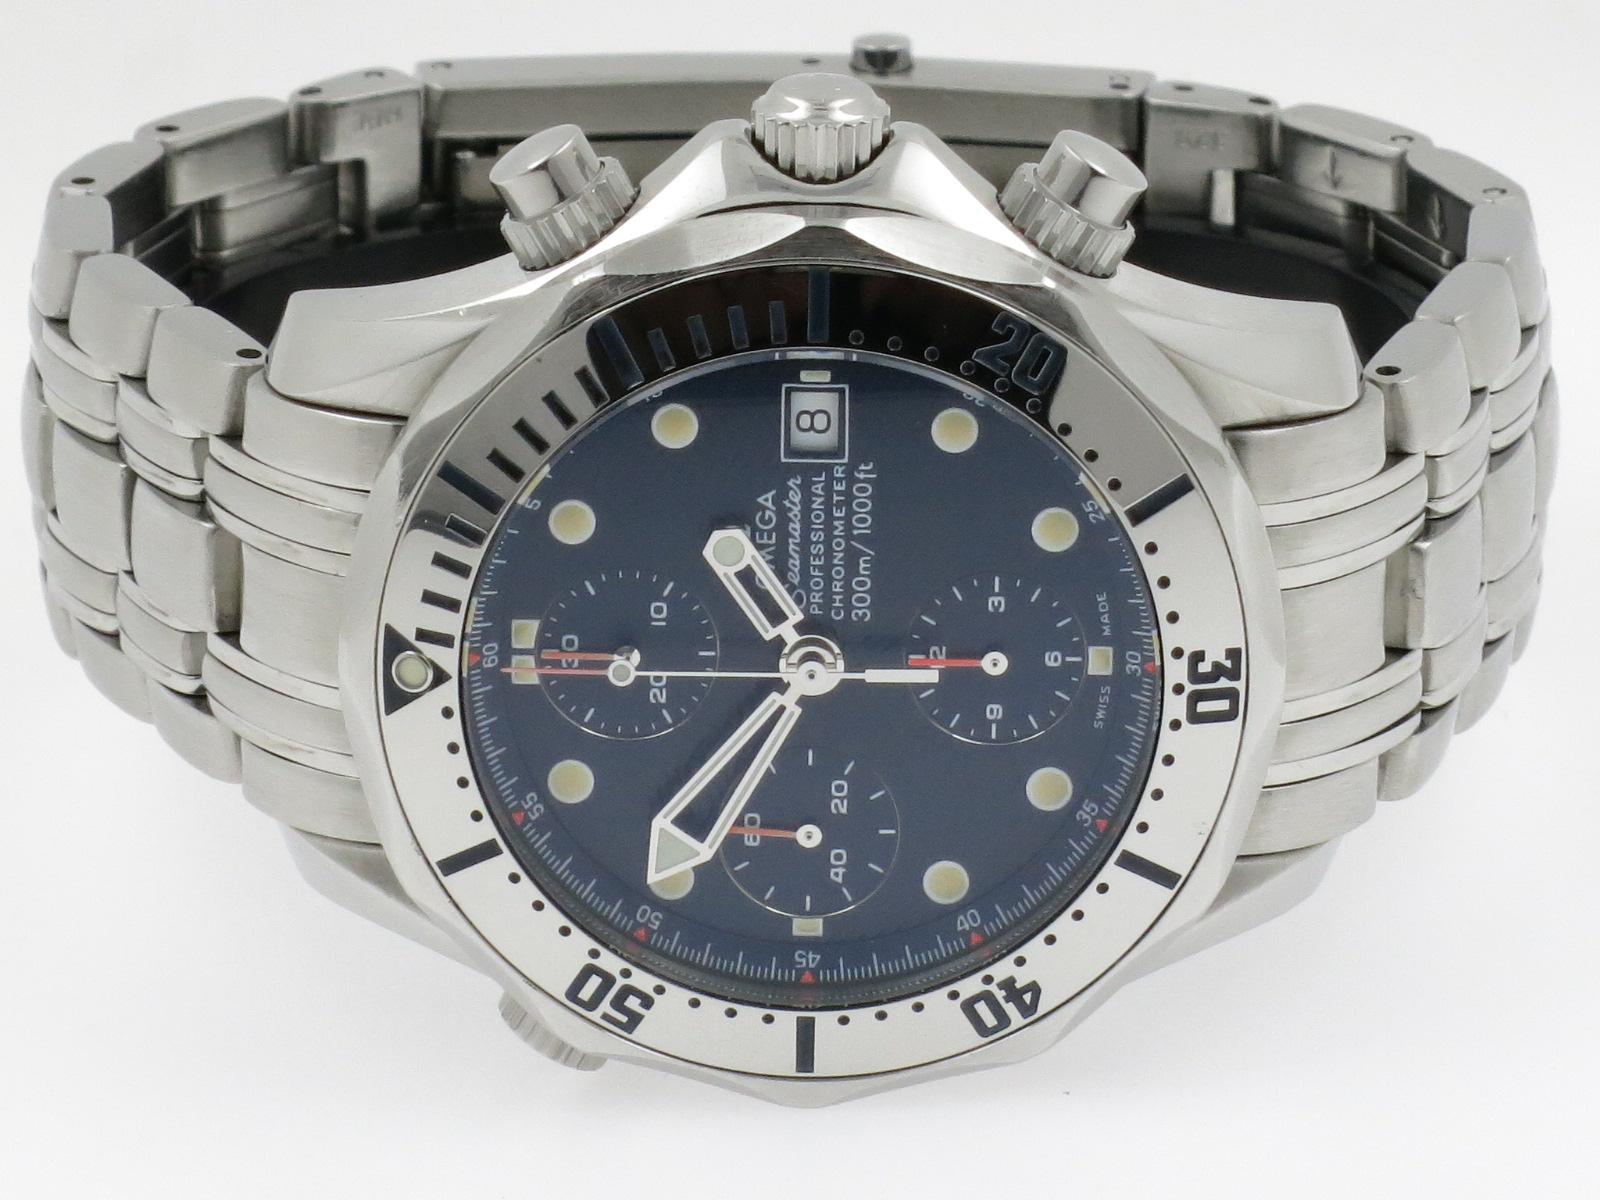 Omega seamaster 300m diver chronograph uijen juweliers for Omega diver